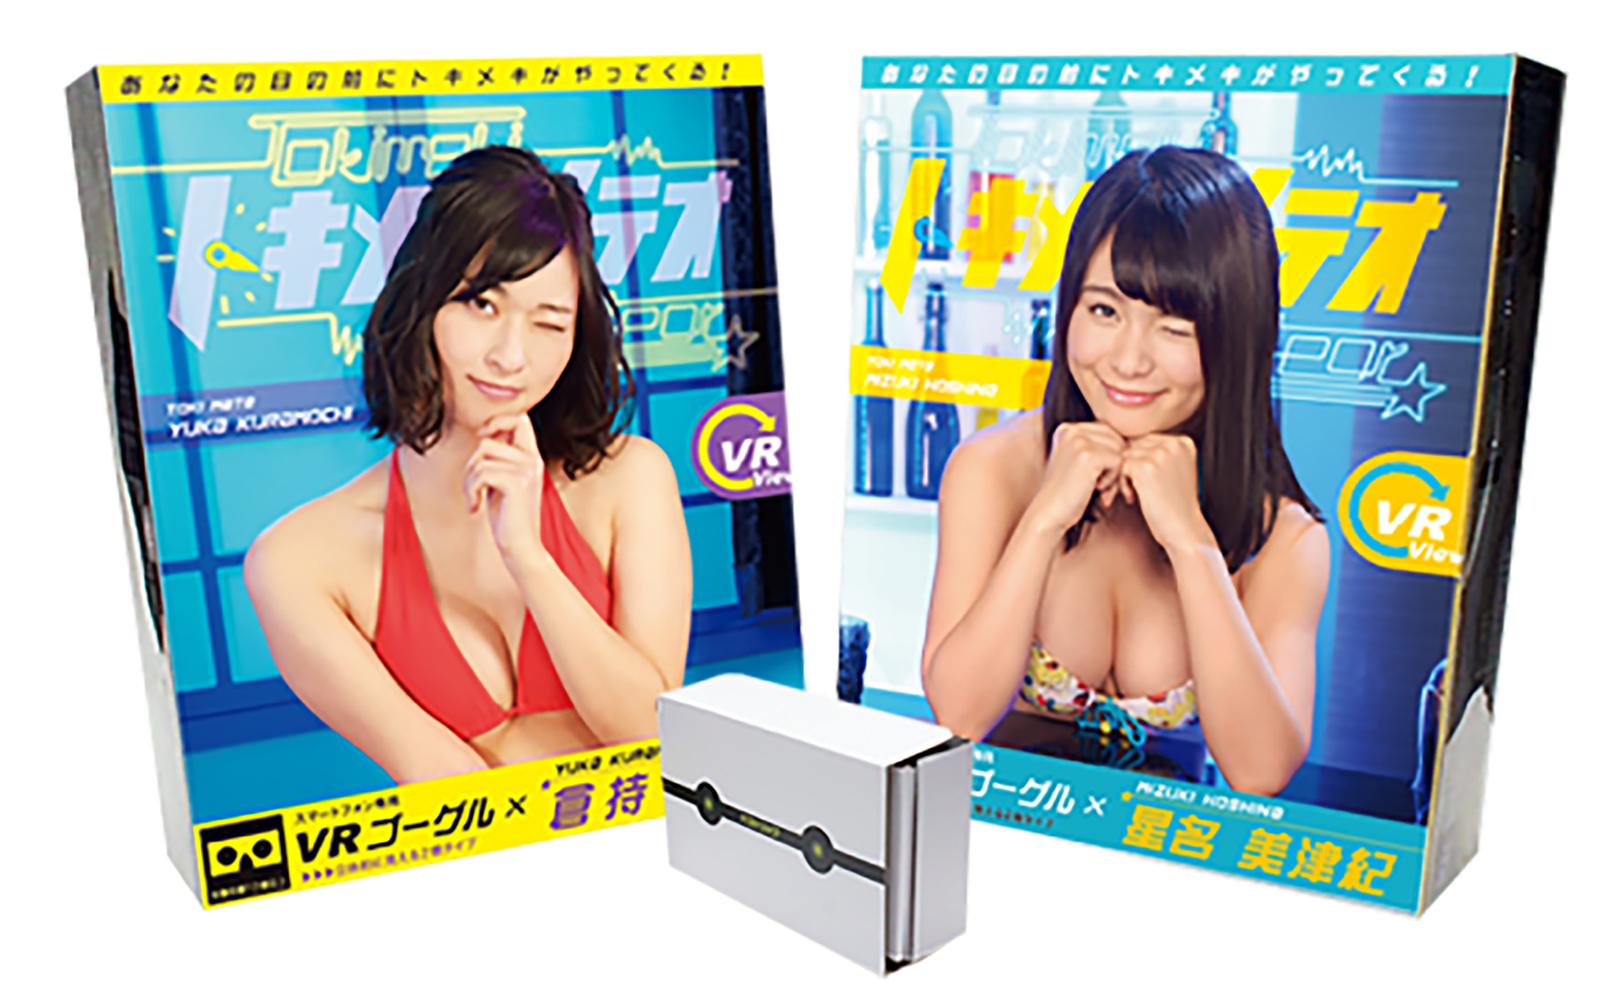 VRでアイドルと触れ合える「トキメキメテオ」予約開始! 倉持由香さん、星名美津紀さん参加イベントも開催